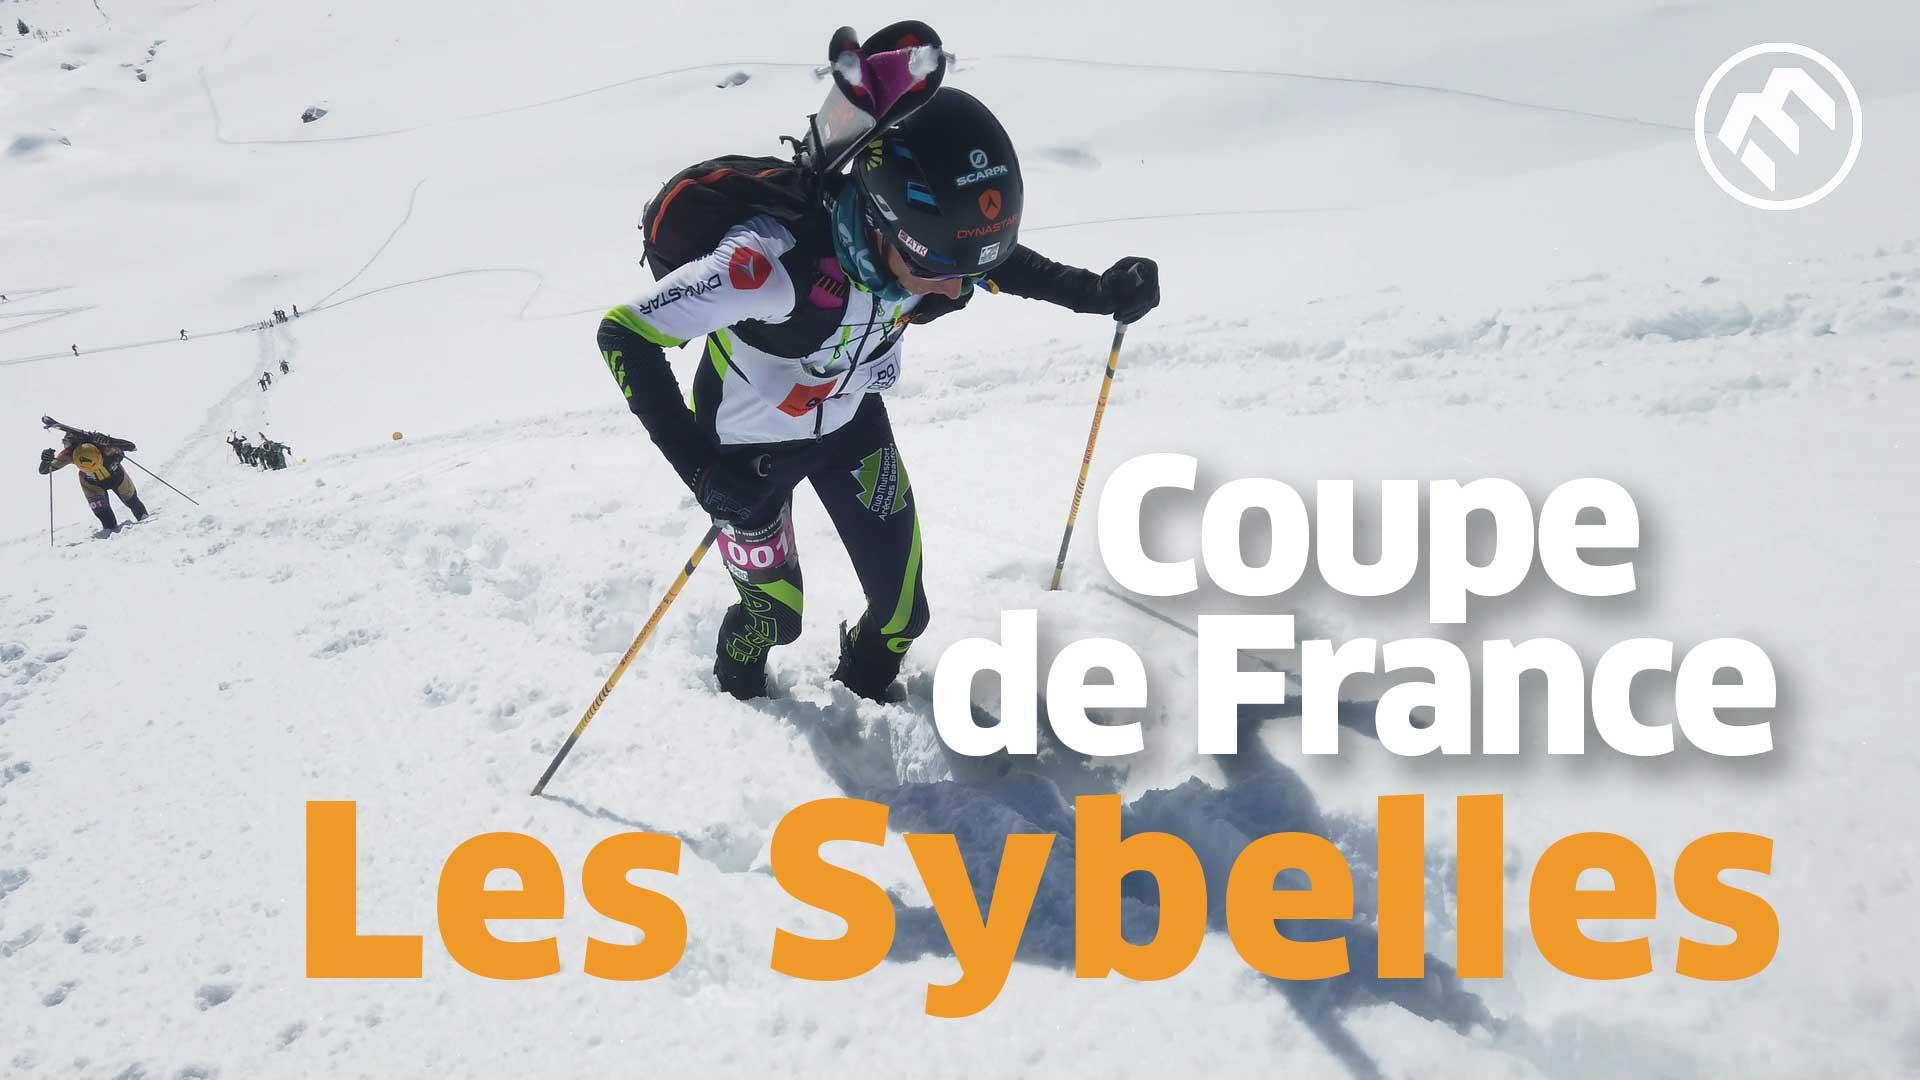 Coupe de France Les Sybelles 2020